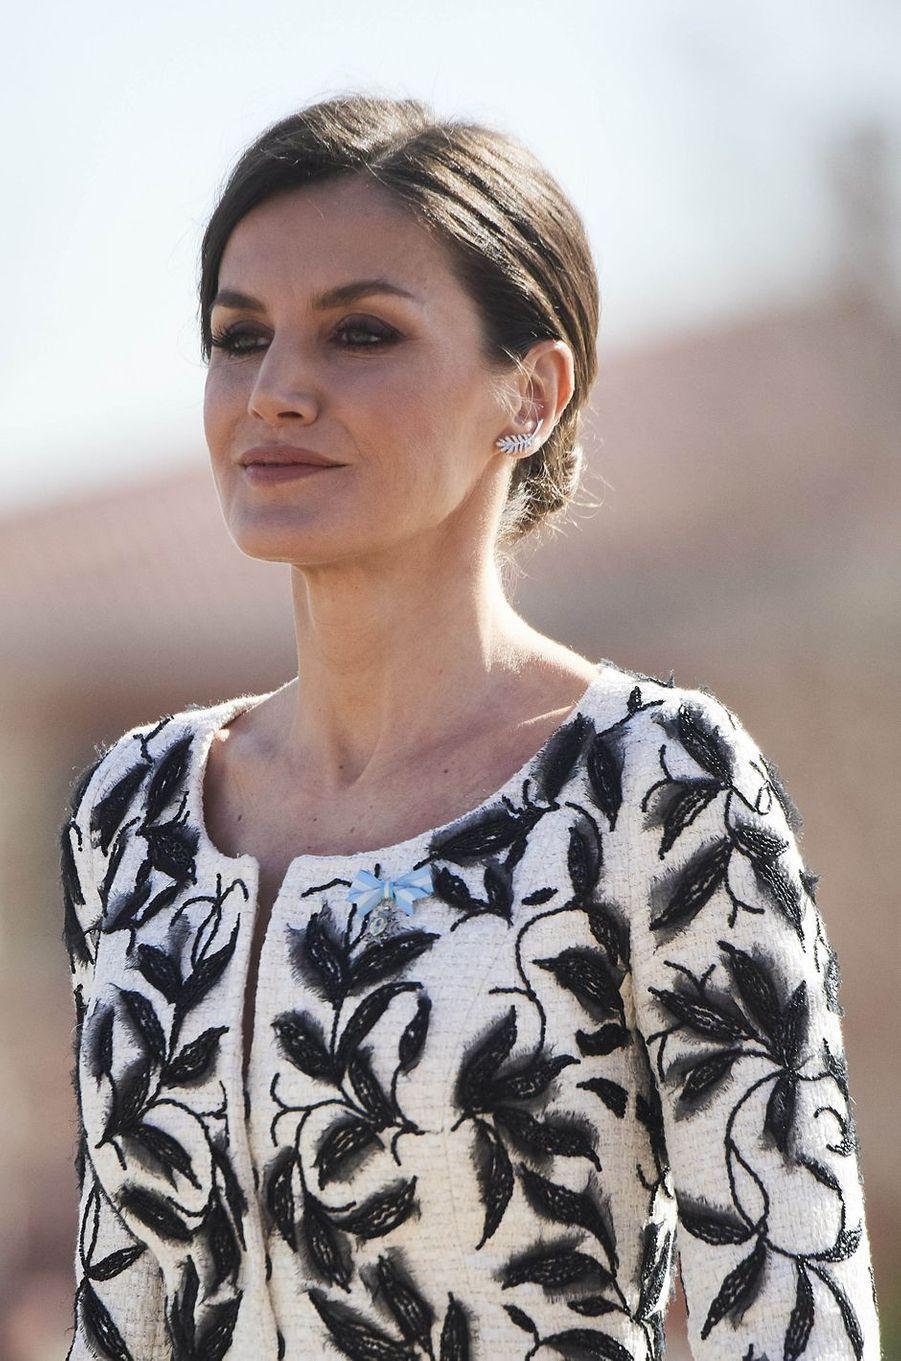 La reine Letizia d'Espagne à Paracuellos del Jarama, le 23 février 2019